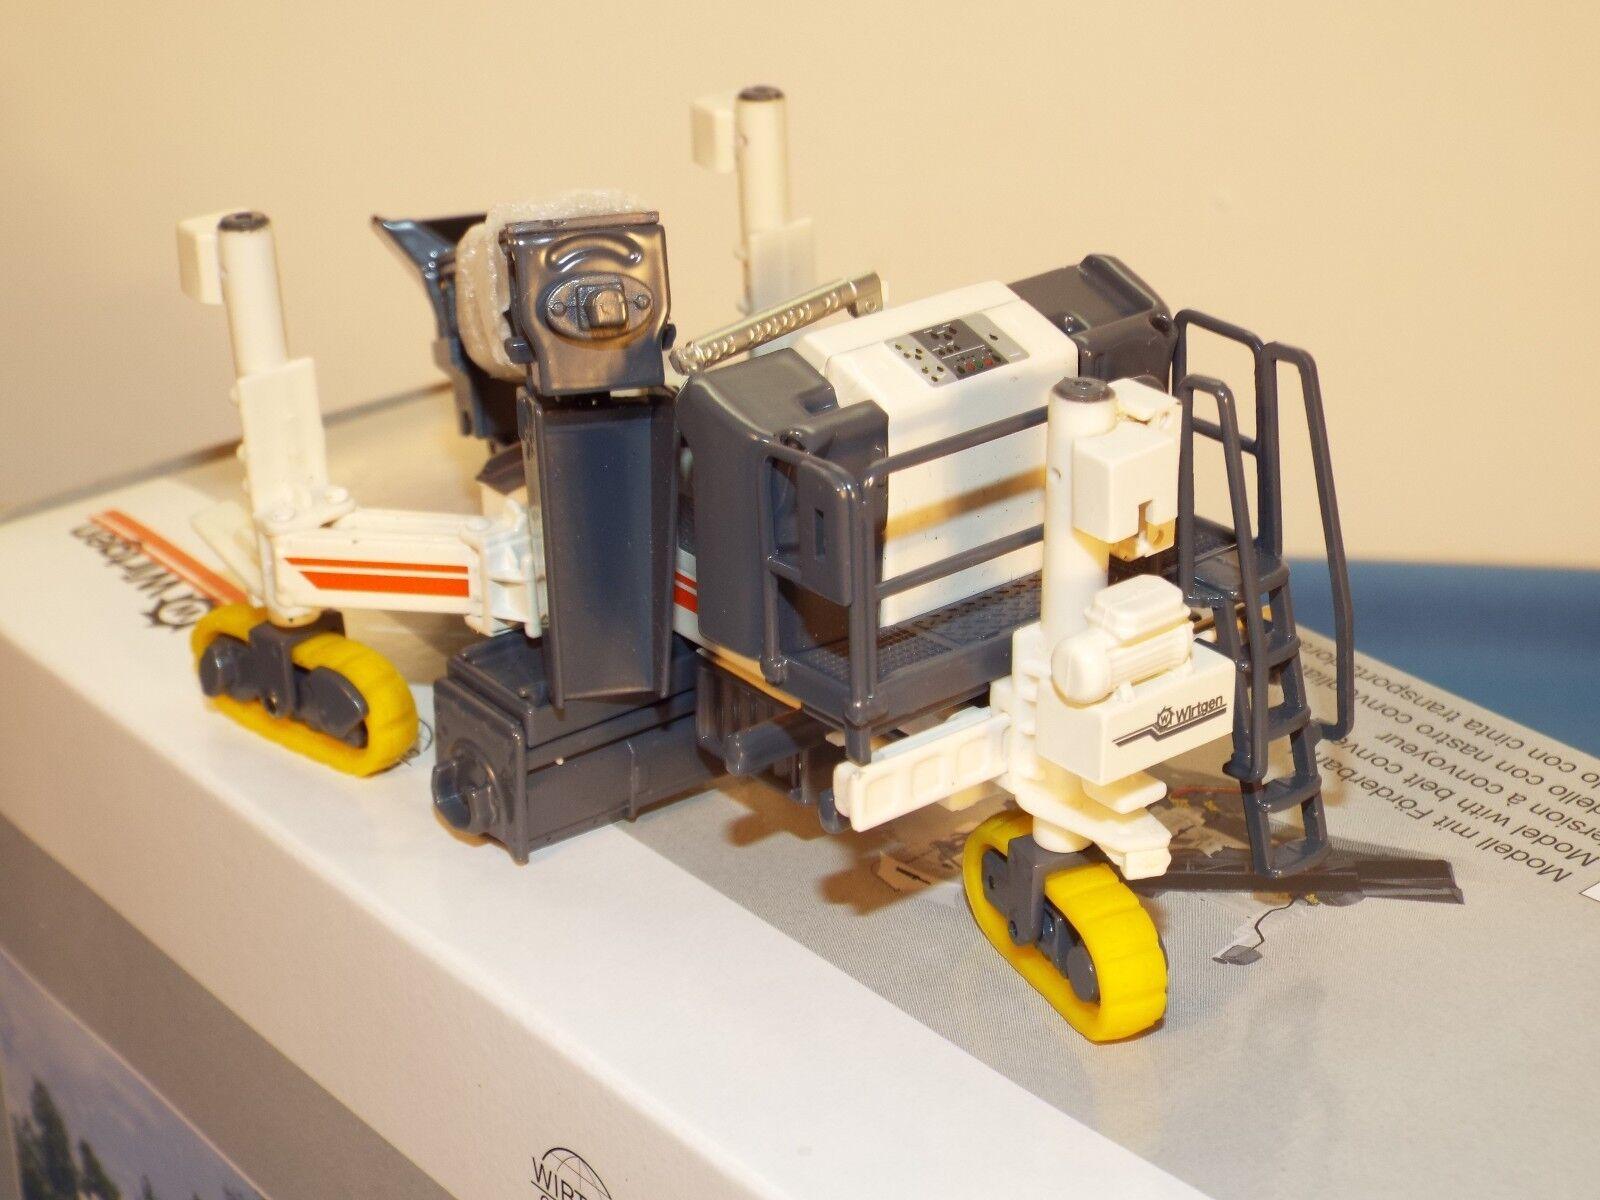 NZG Nº 807 est le modèle de la vis d'alimentation glissant pave NEUF